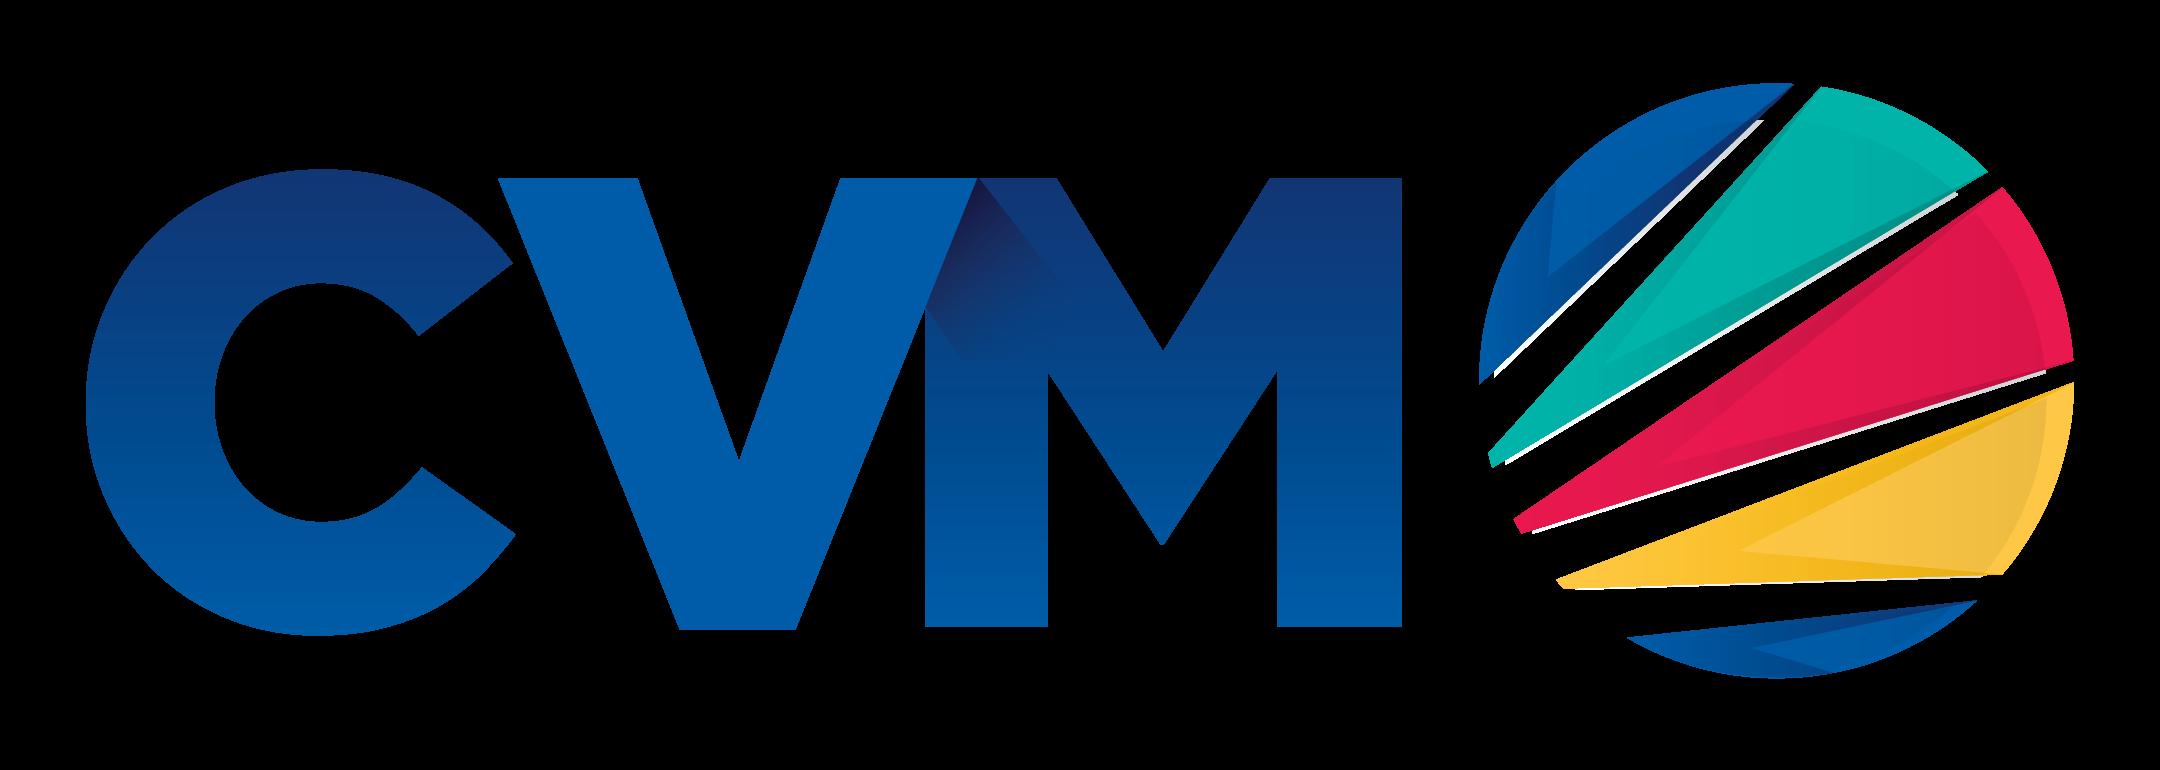 cvm-logo-2016